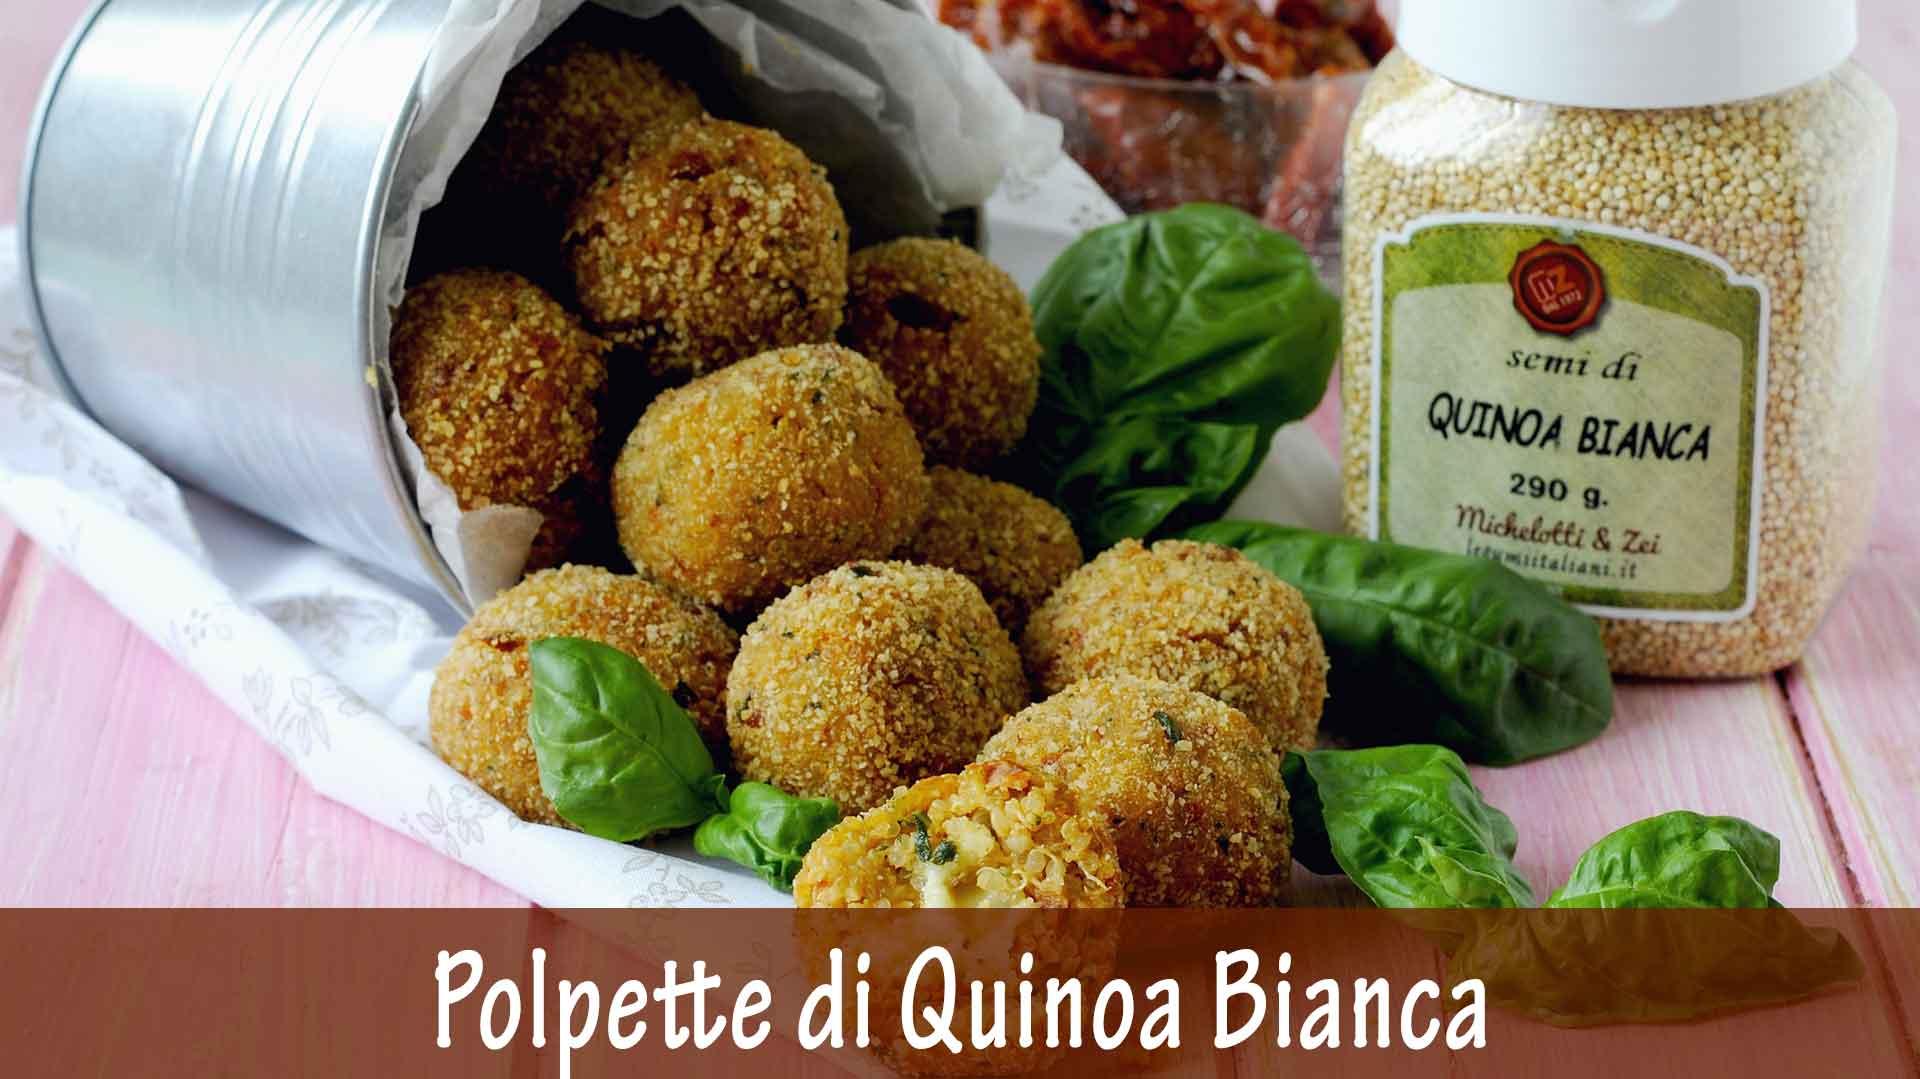 Polpette di Quinoa Bianca con Pomodori Secchi, Basilico e Scamorza Filante